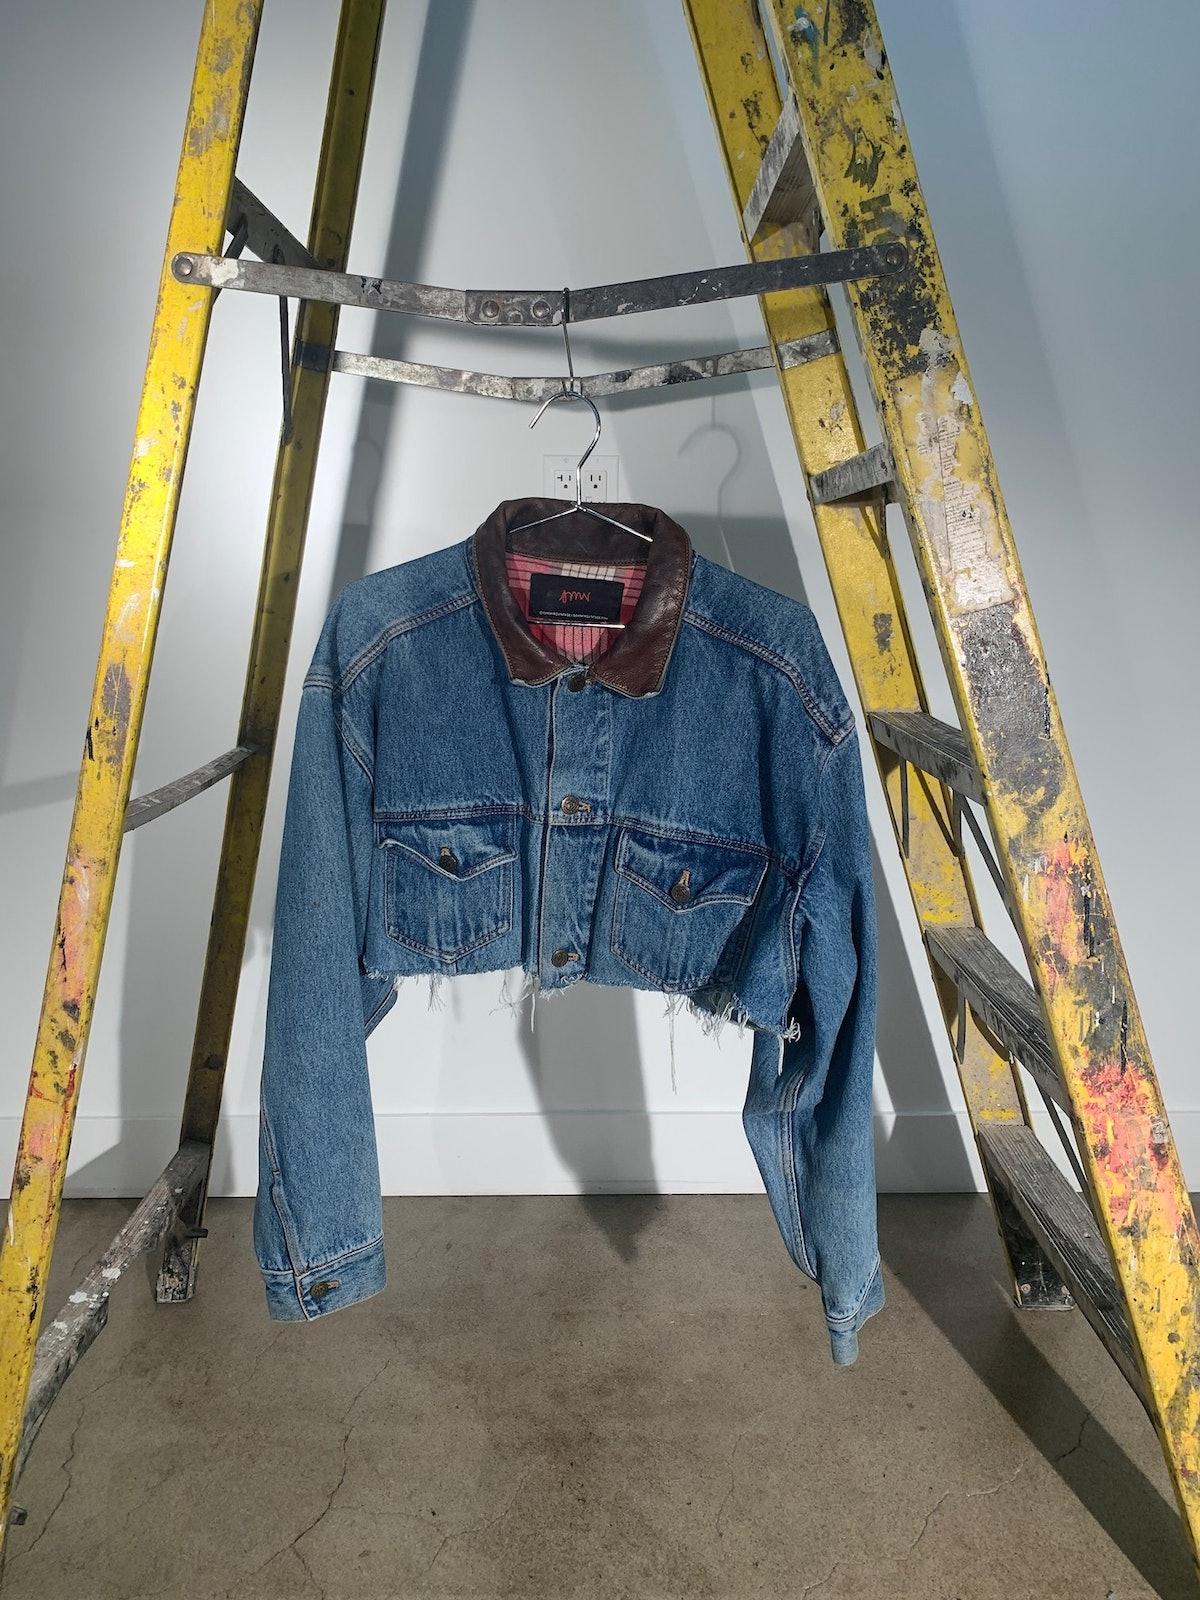 1/1 SMV Denim & Leather Jacket